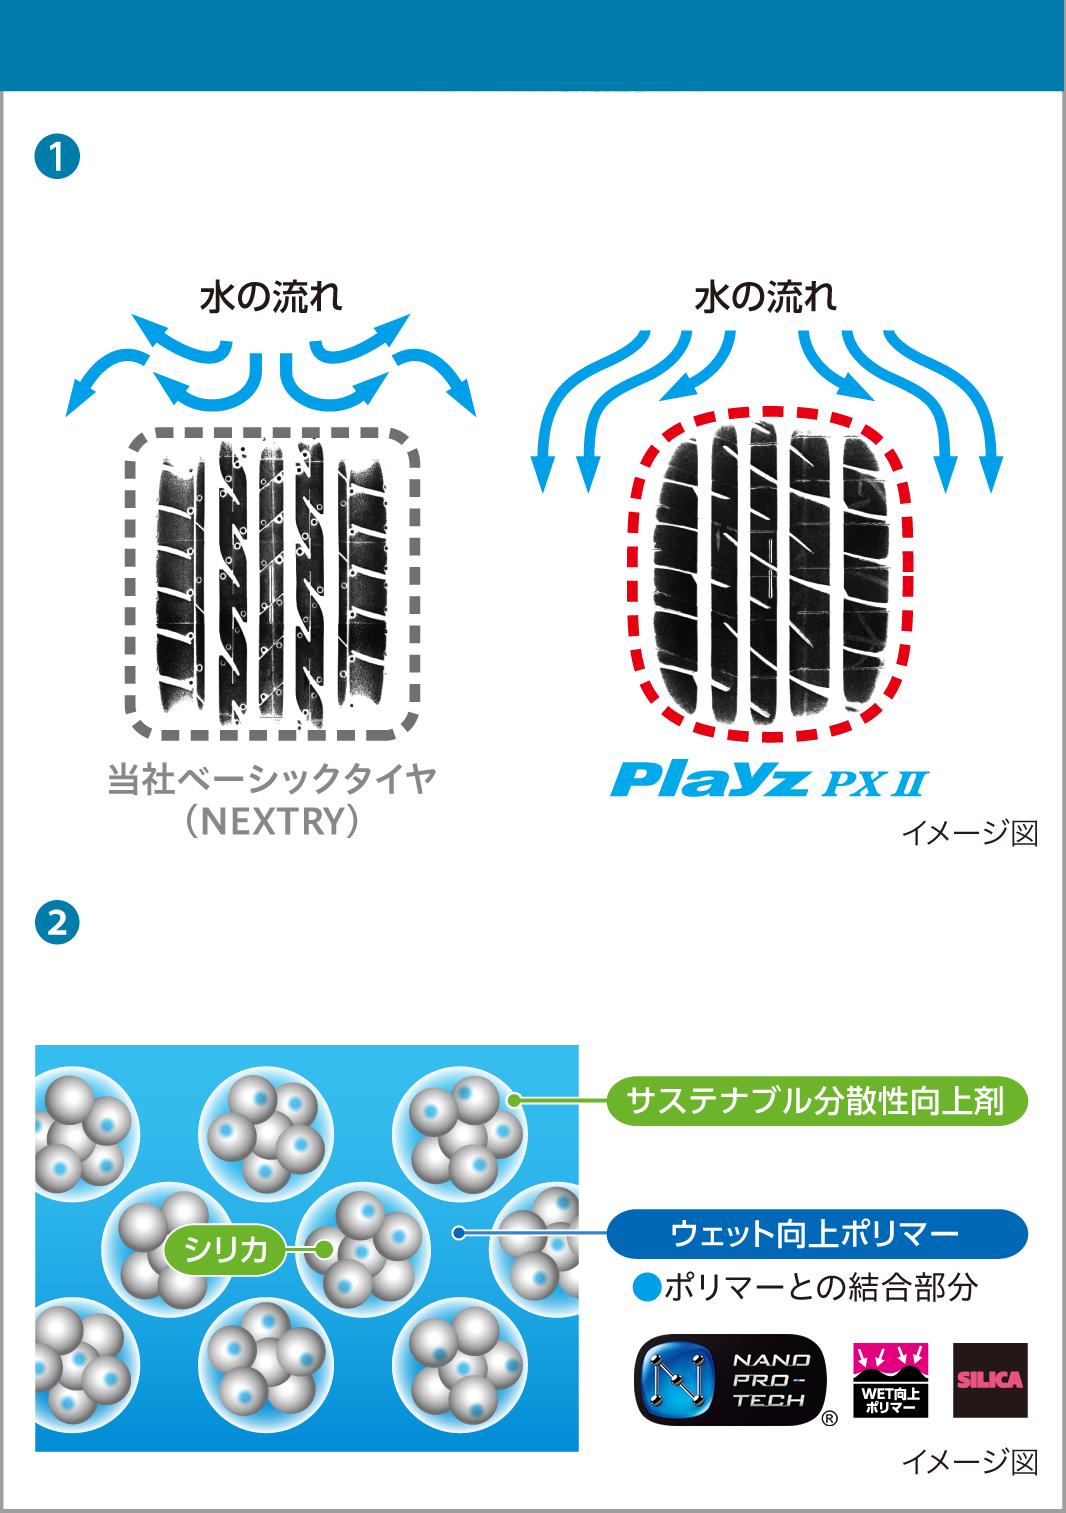 溝に頼らないウェット性能強化設計 (1)接地形状の最適化により、新品時から摩耗時まで高い排水性を確保(2)新品時から摩耗時まで高いウェット性能を実現するシリカ増量ウェット重視ゴム